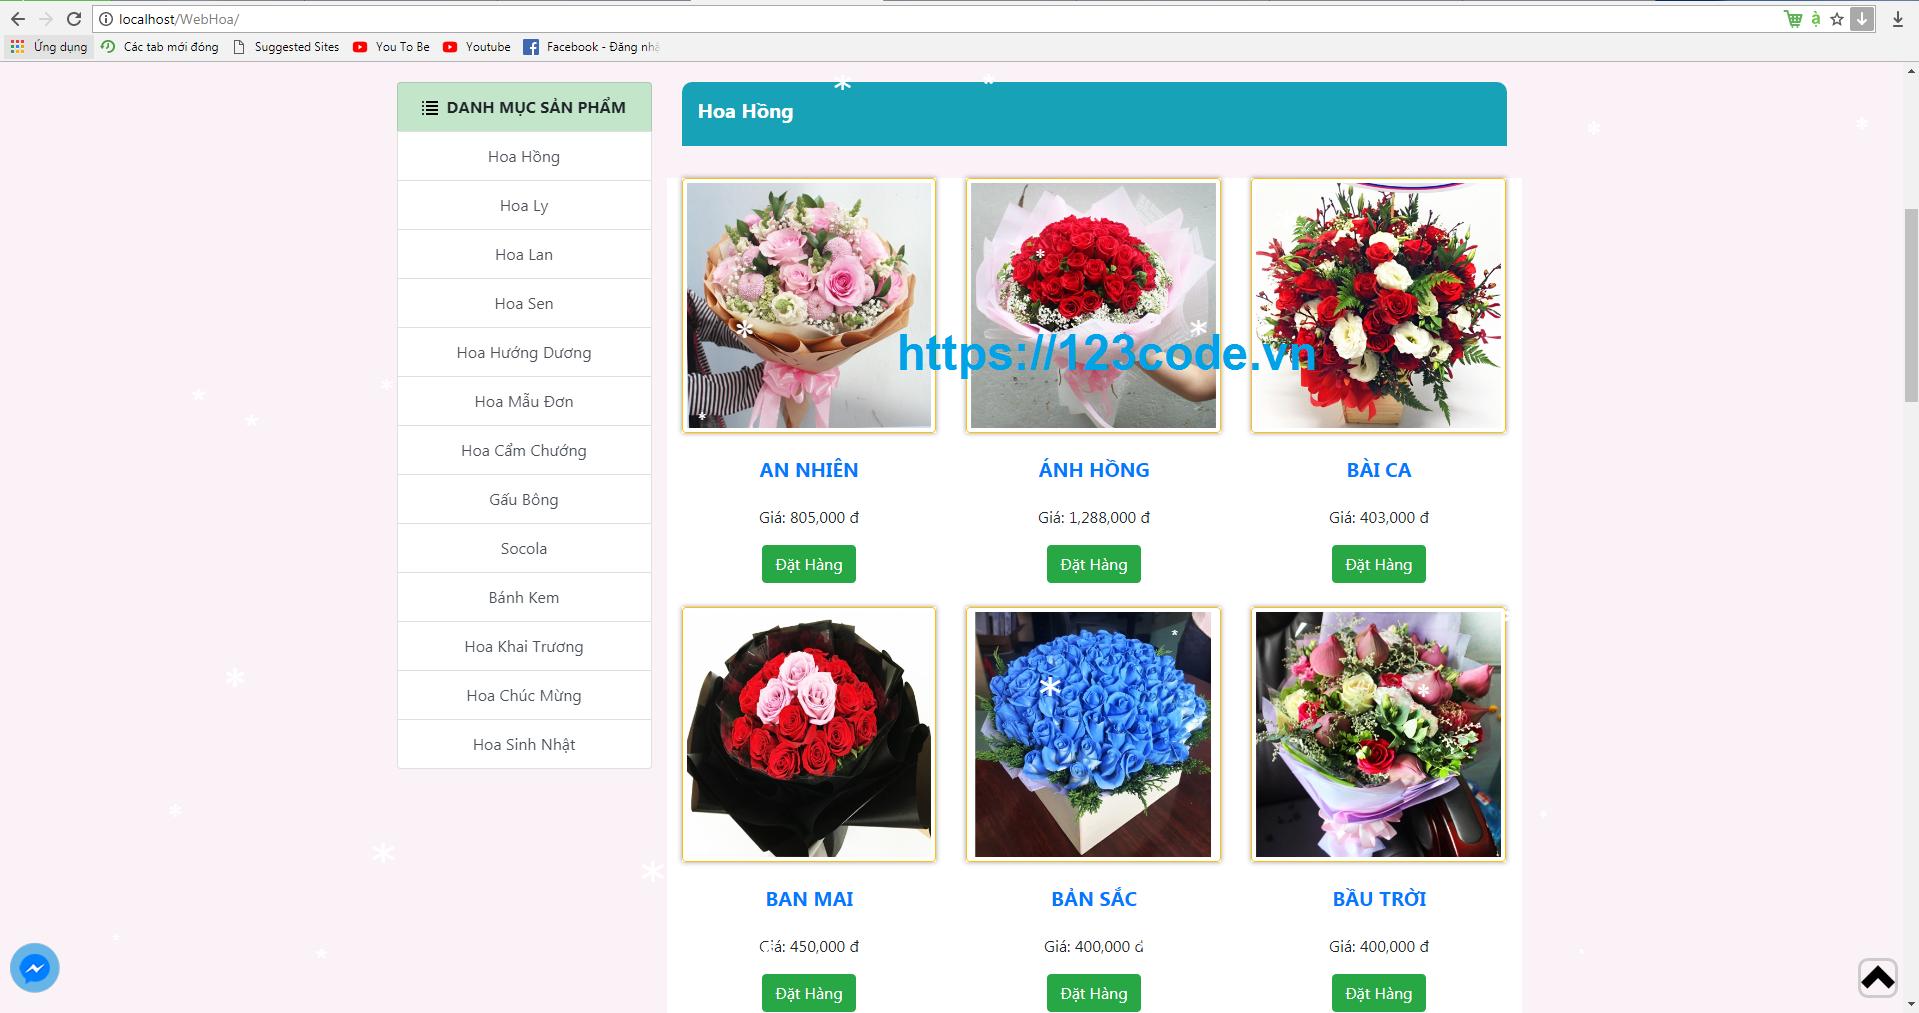 Tải full source code website bán hàng php thuần hoàn chỉnh cực đẹp